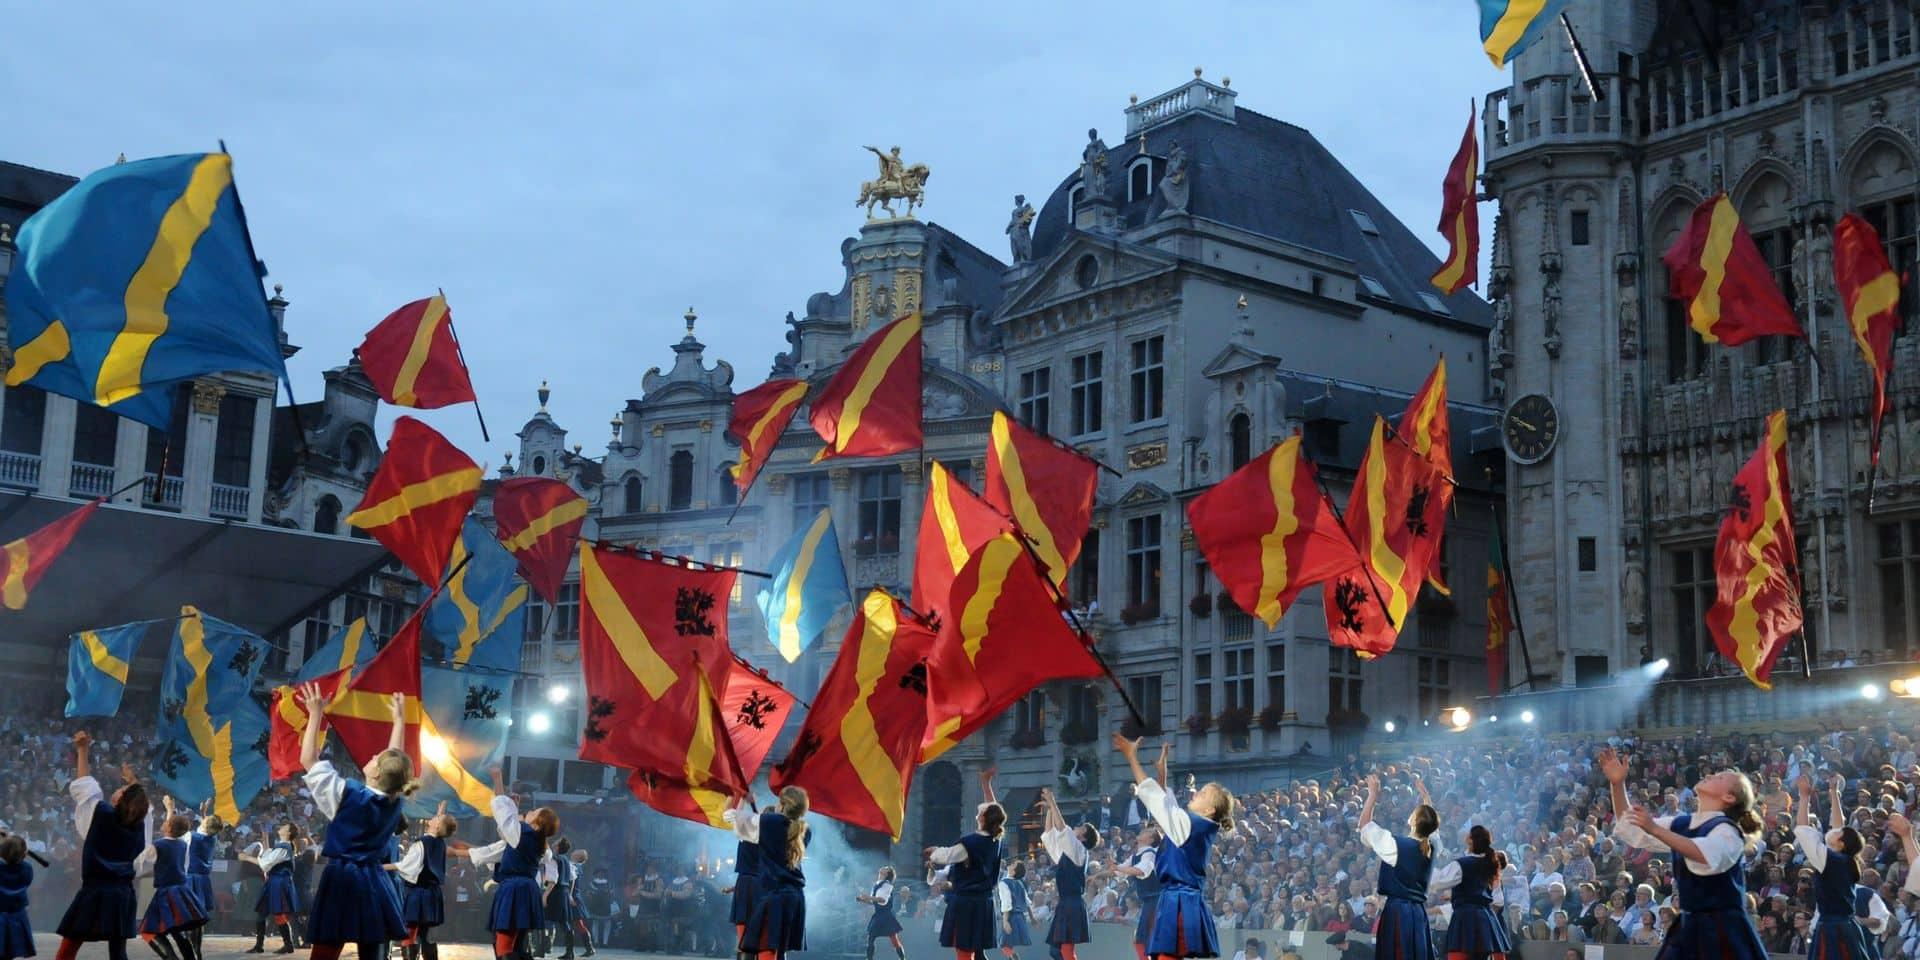 """L'Ommegang inscrit au patrimoine de l'humanité: """"Cela positionne Bruxelles, sa région et le pays comme référence culturelle internationale"""""""